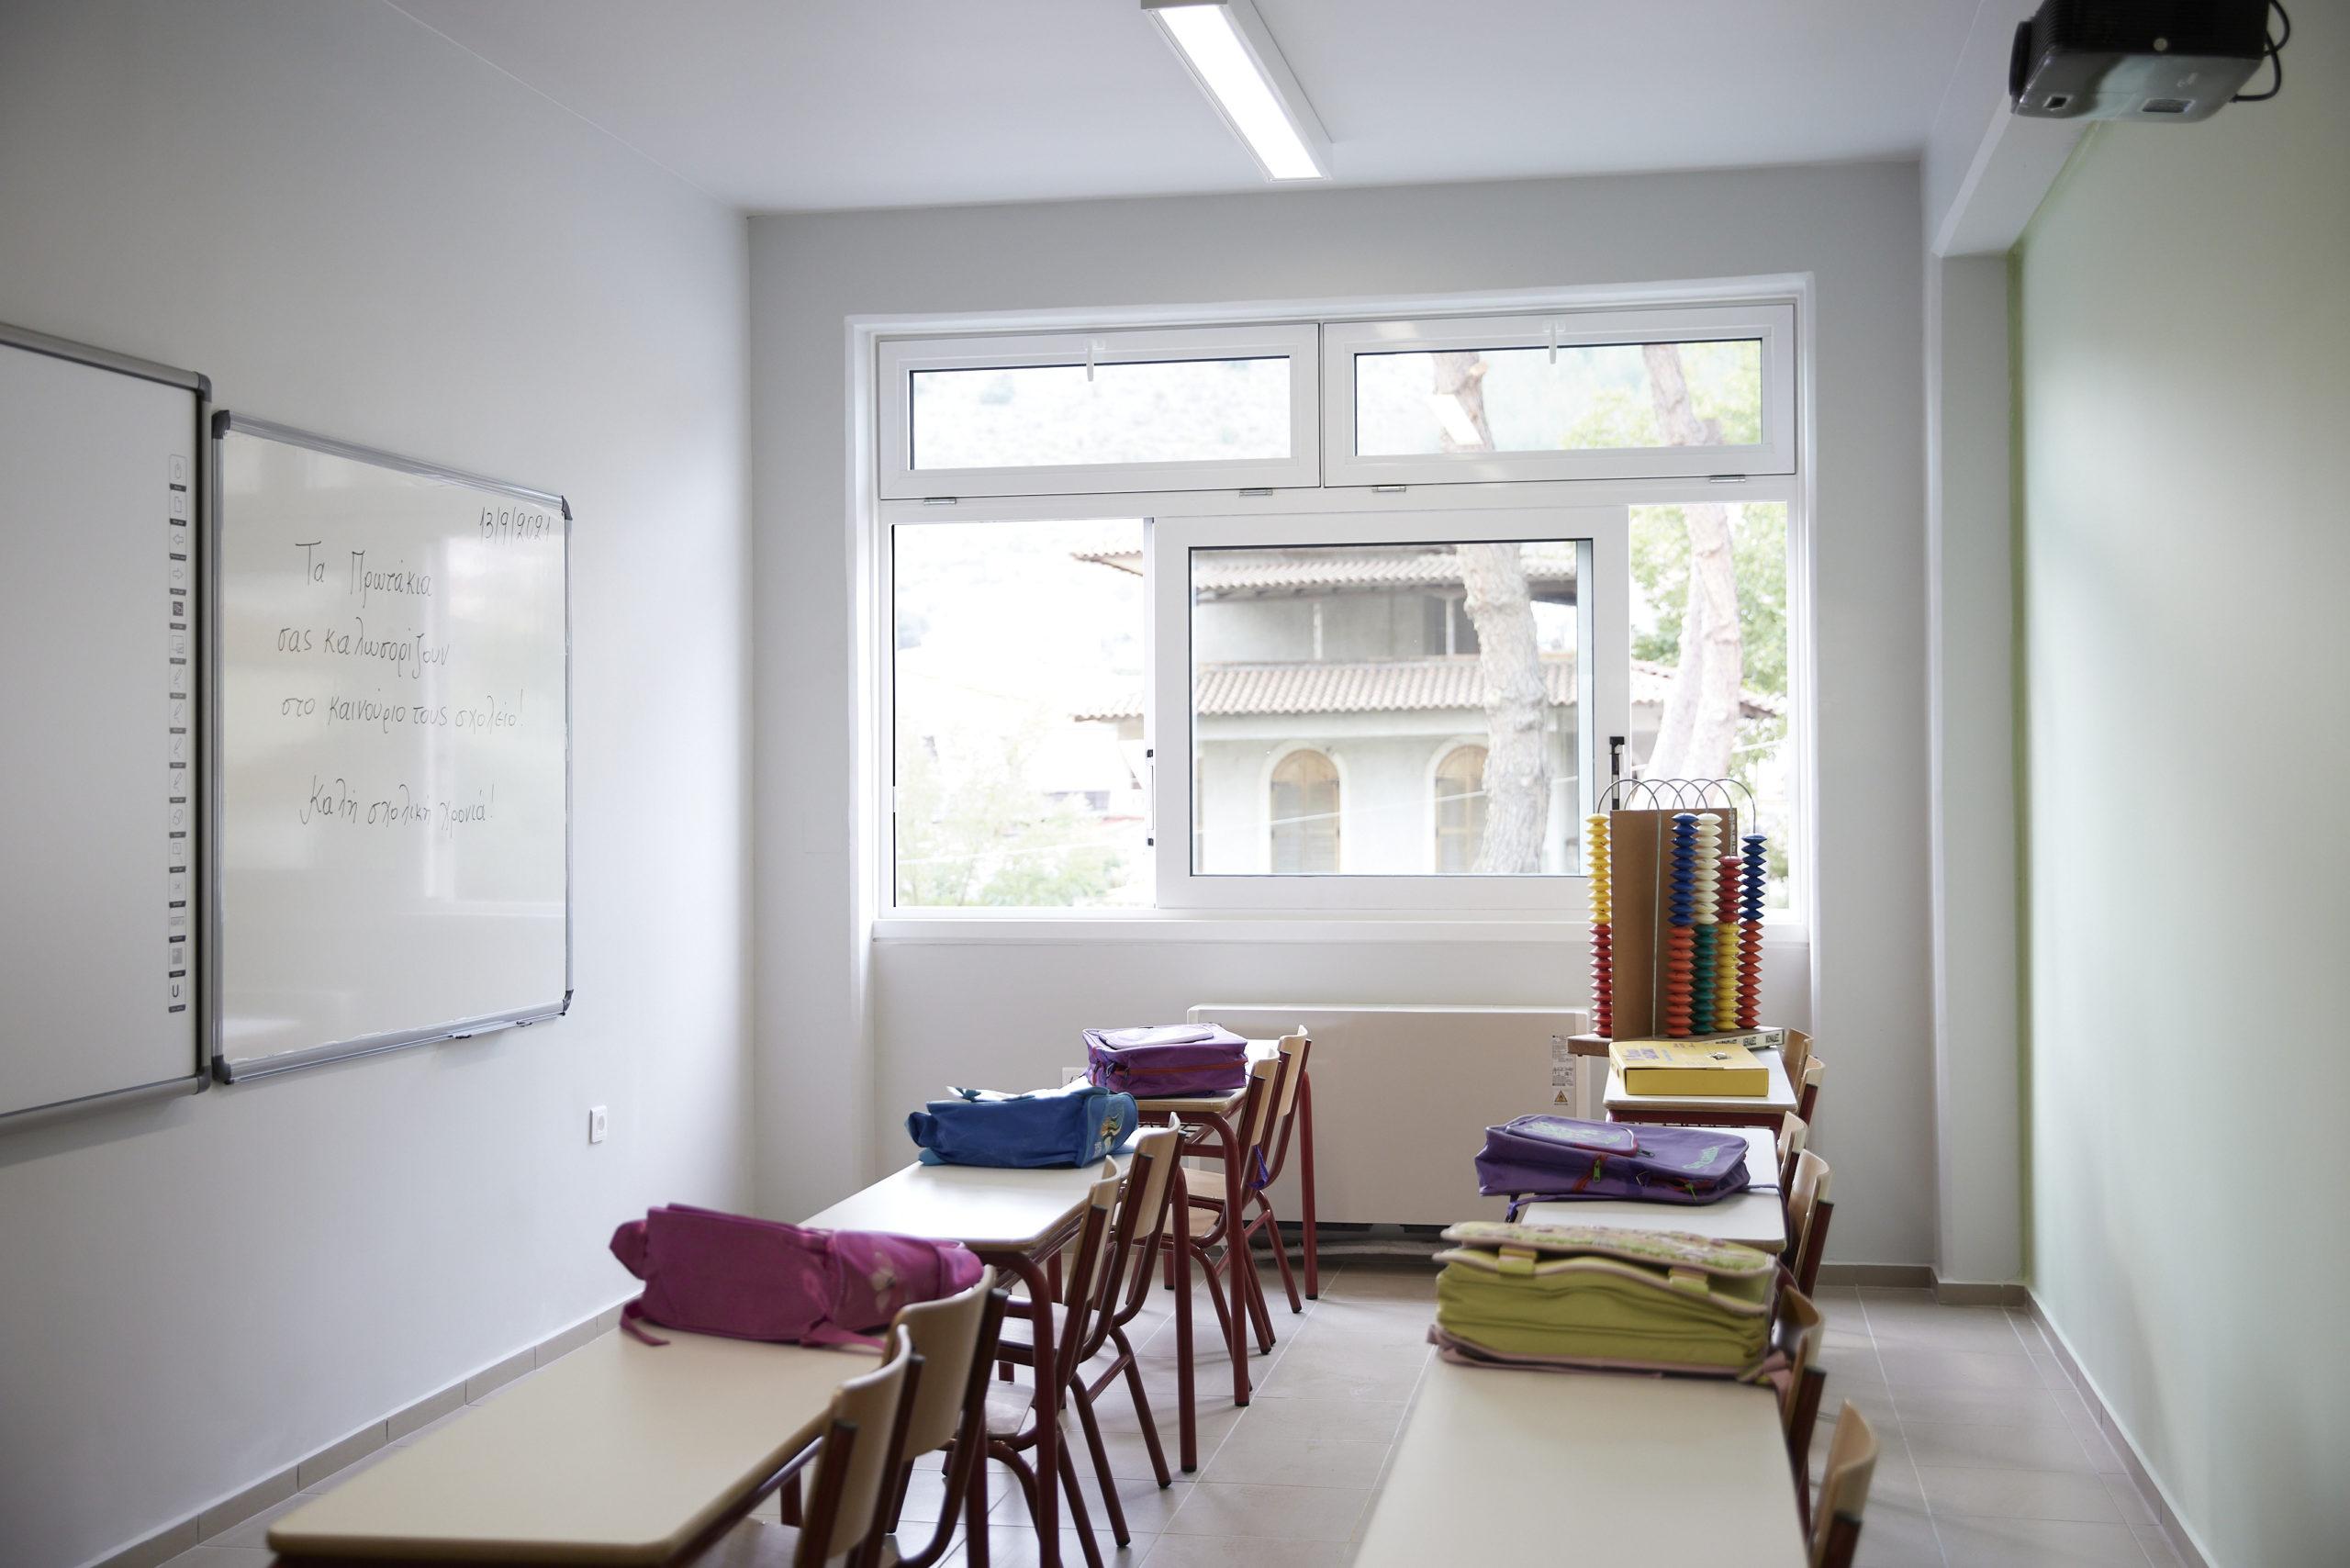 σχολεία τεστ (ΙΝΤΙΜΕ)